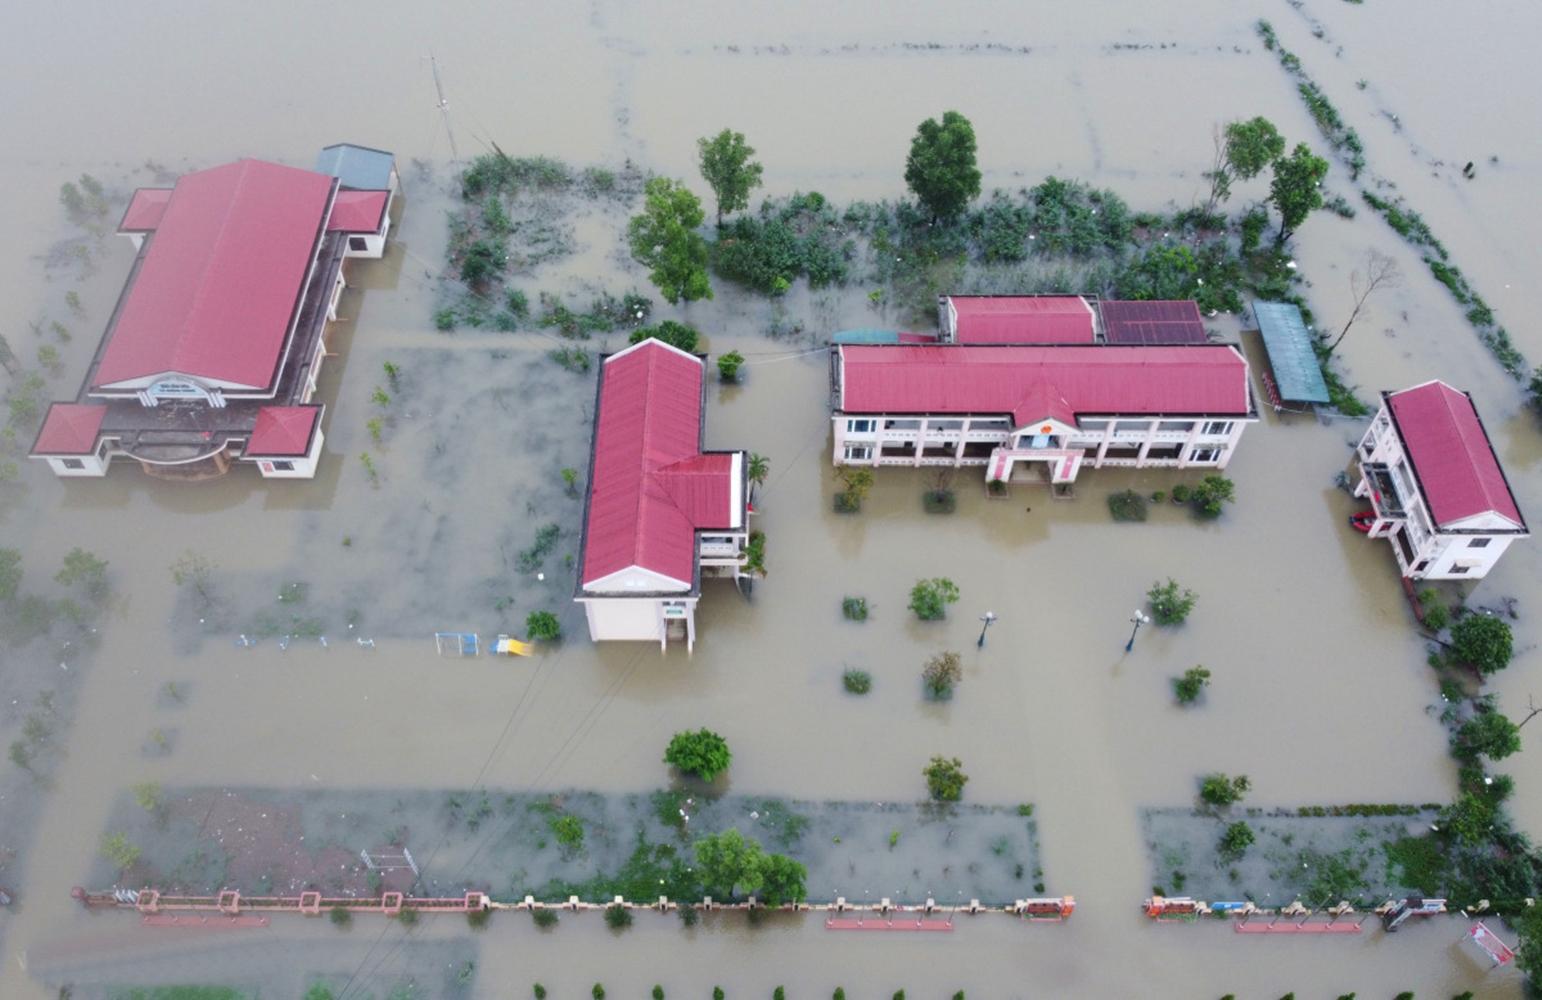 Hơn 80 xã, phường ở miền Trung bị ngập lụt, 9 người chết do mưa lũ